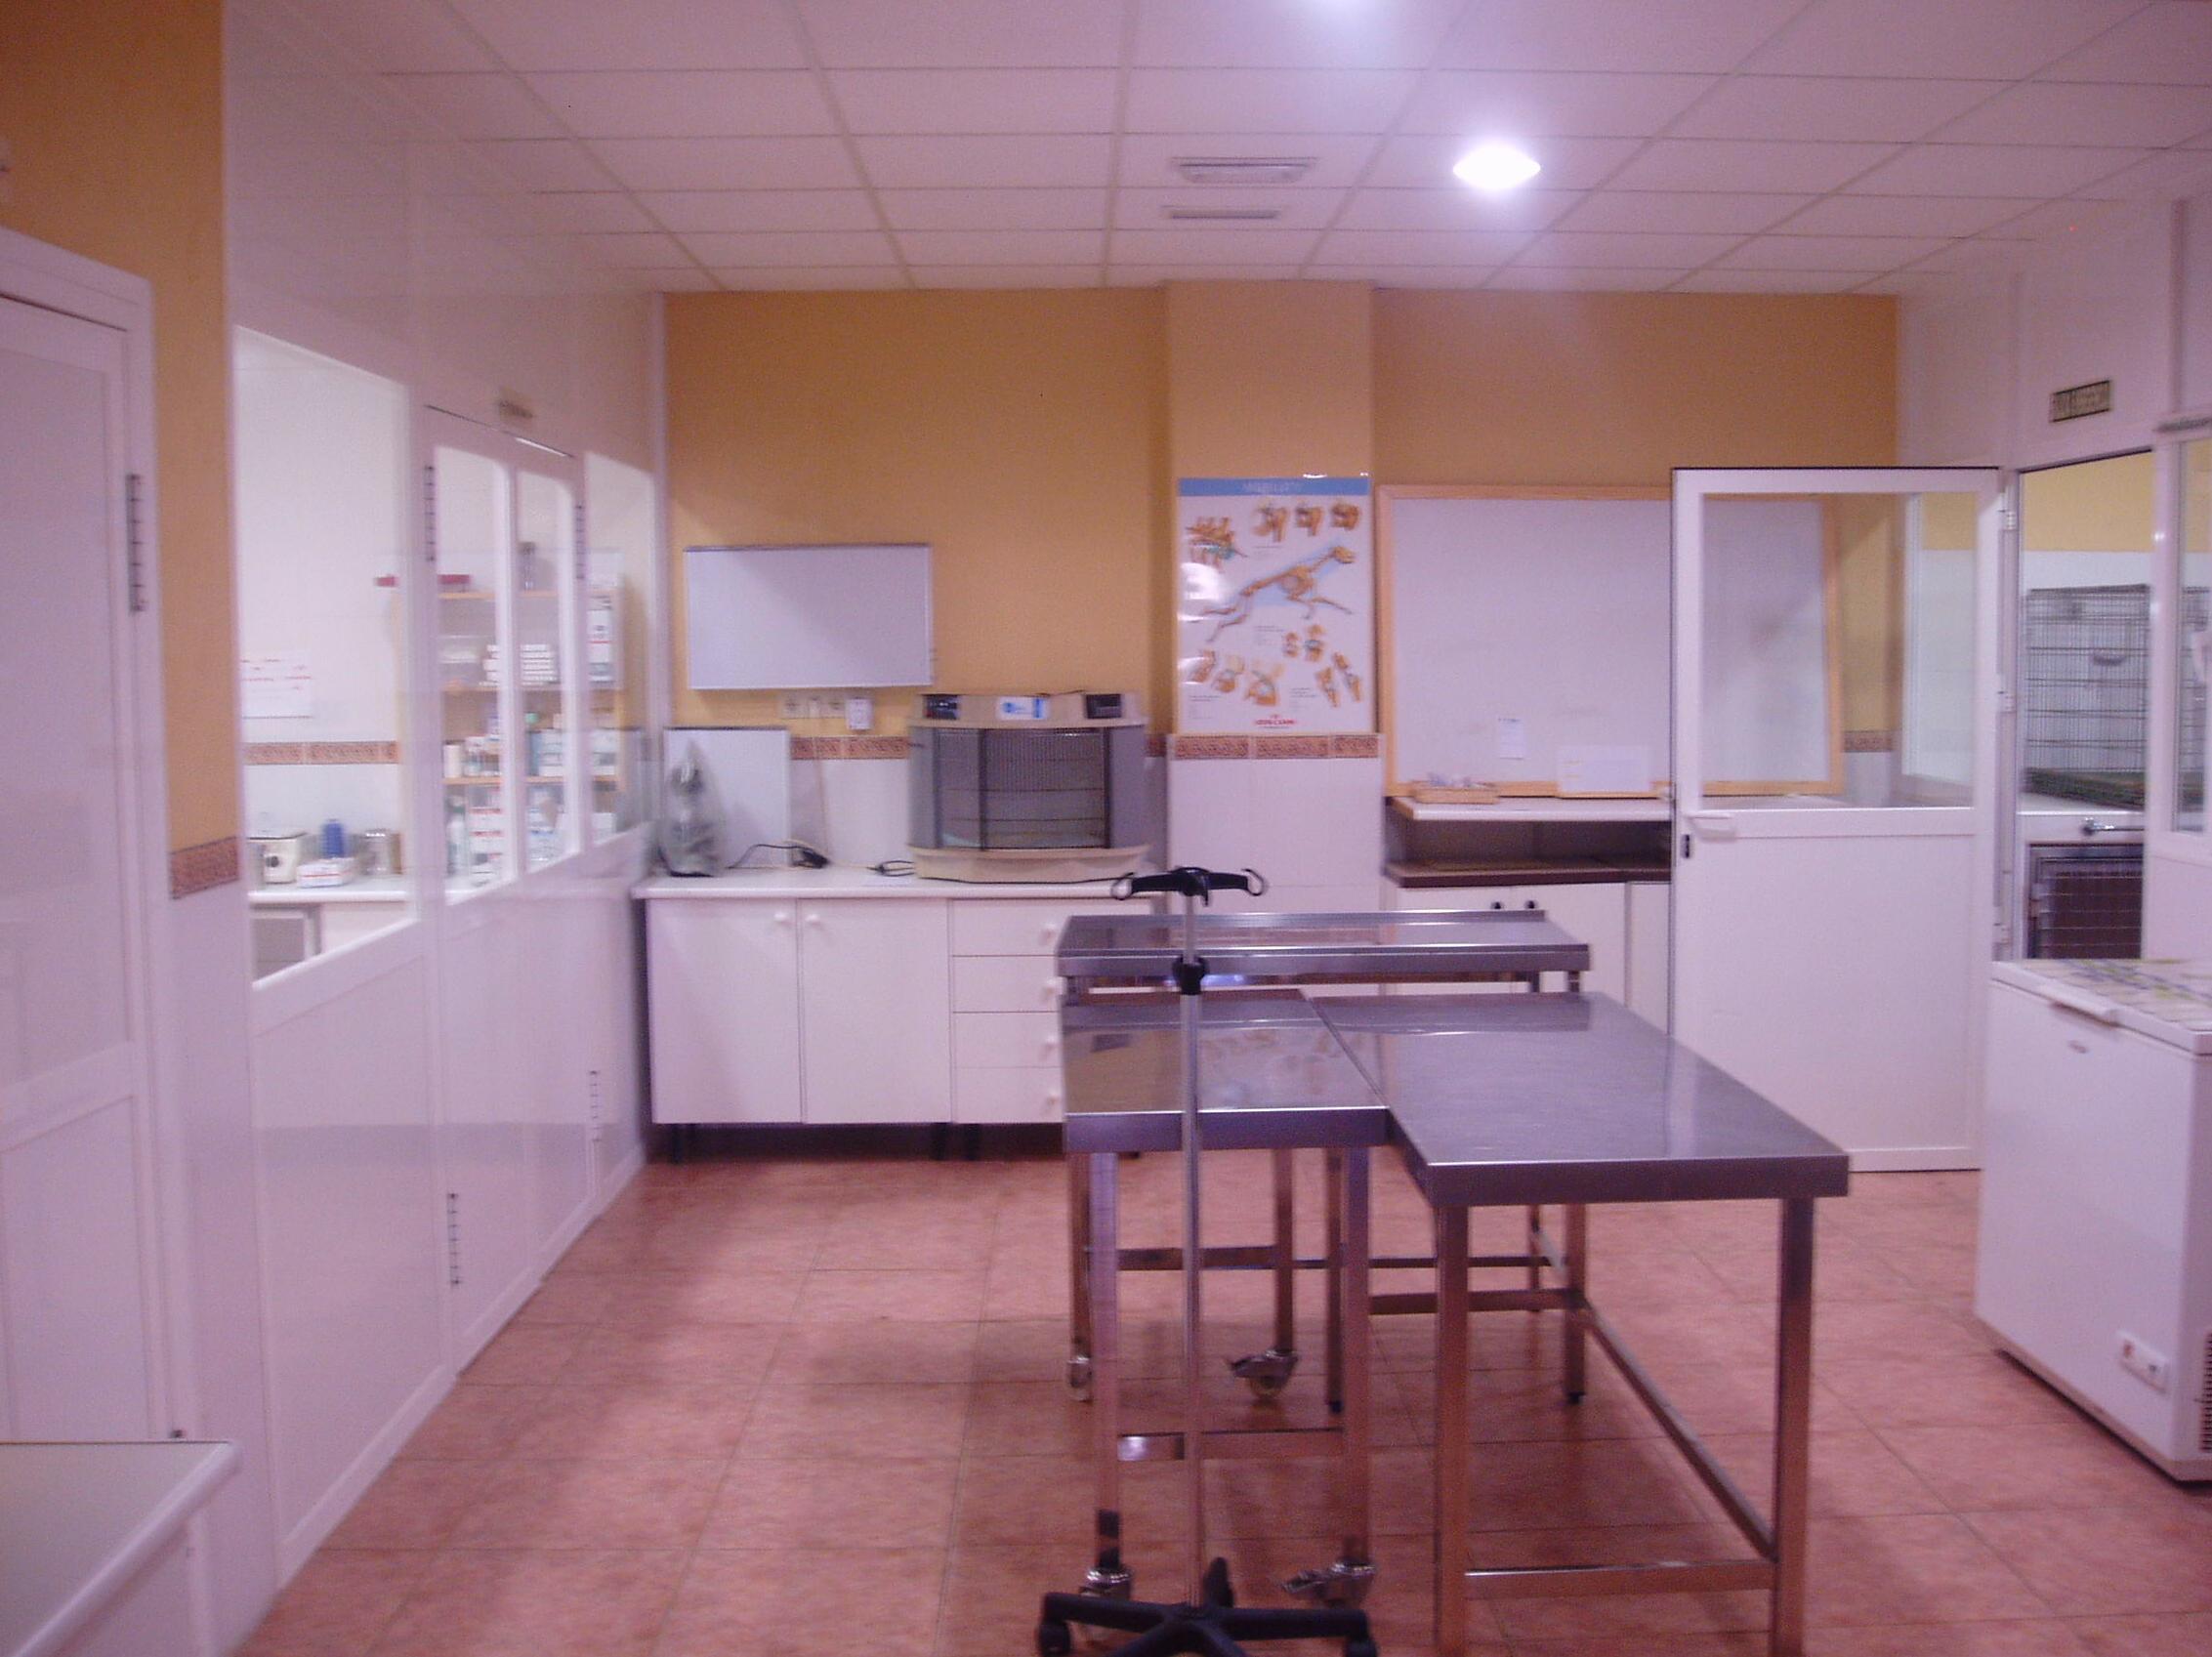 sala de urgencias y prequirófano, comunicada con diagnóstico por imagen, hospitalización y quirófano